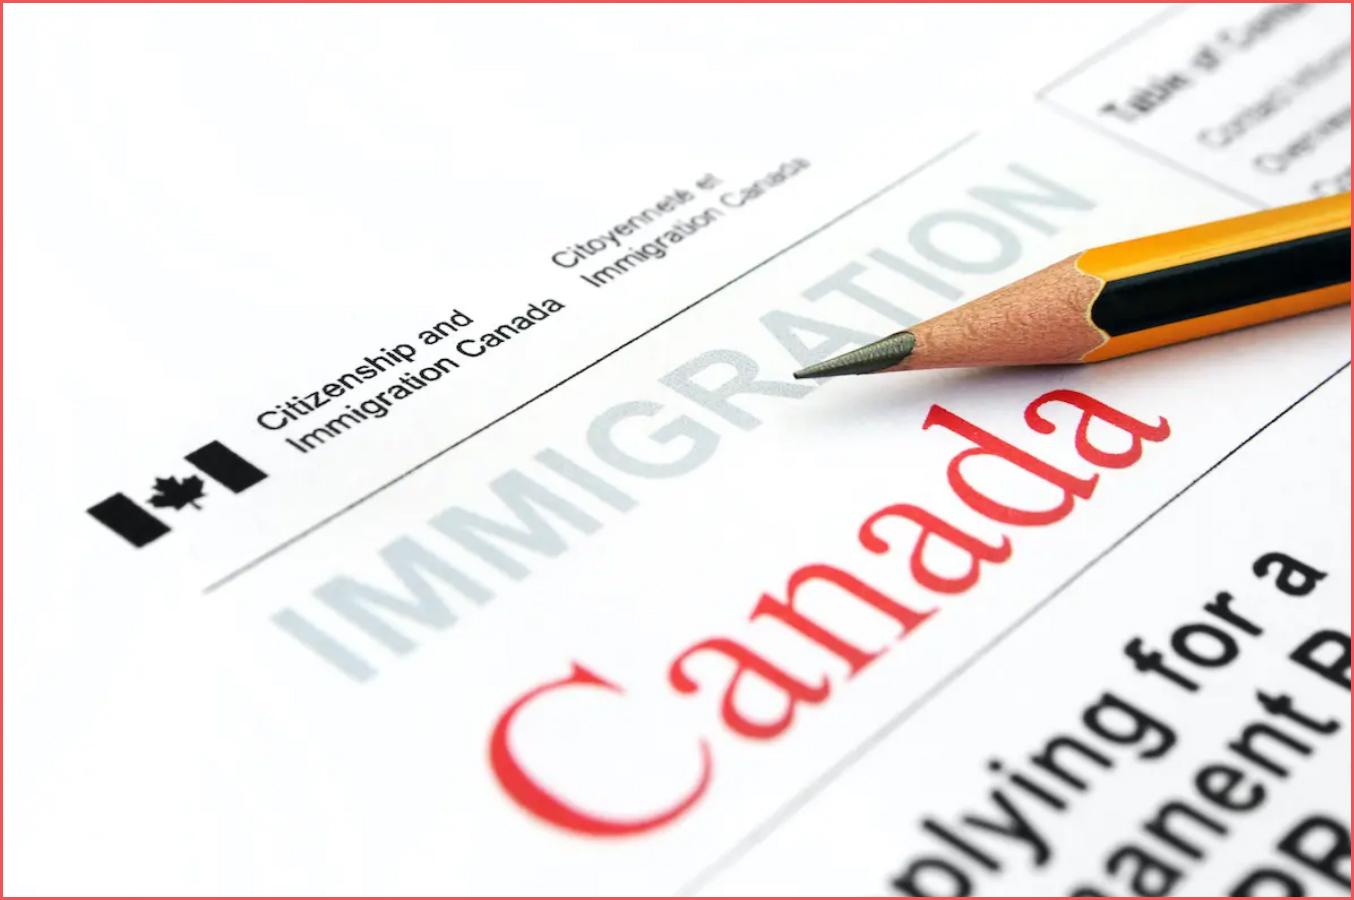 تعرف على 6 من برامج الهجرة الى كندا بالتفصيل